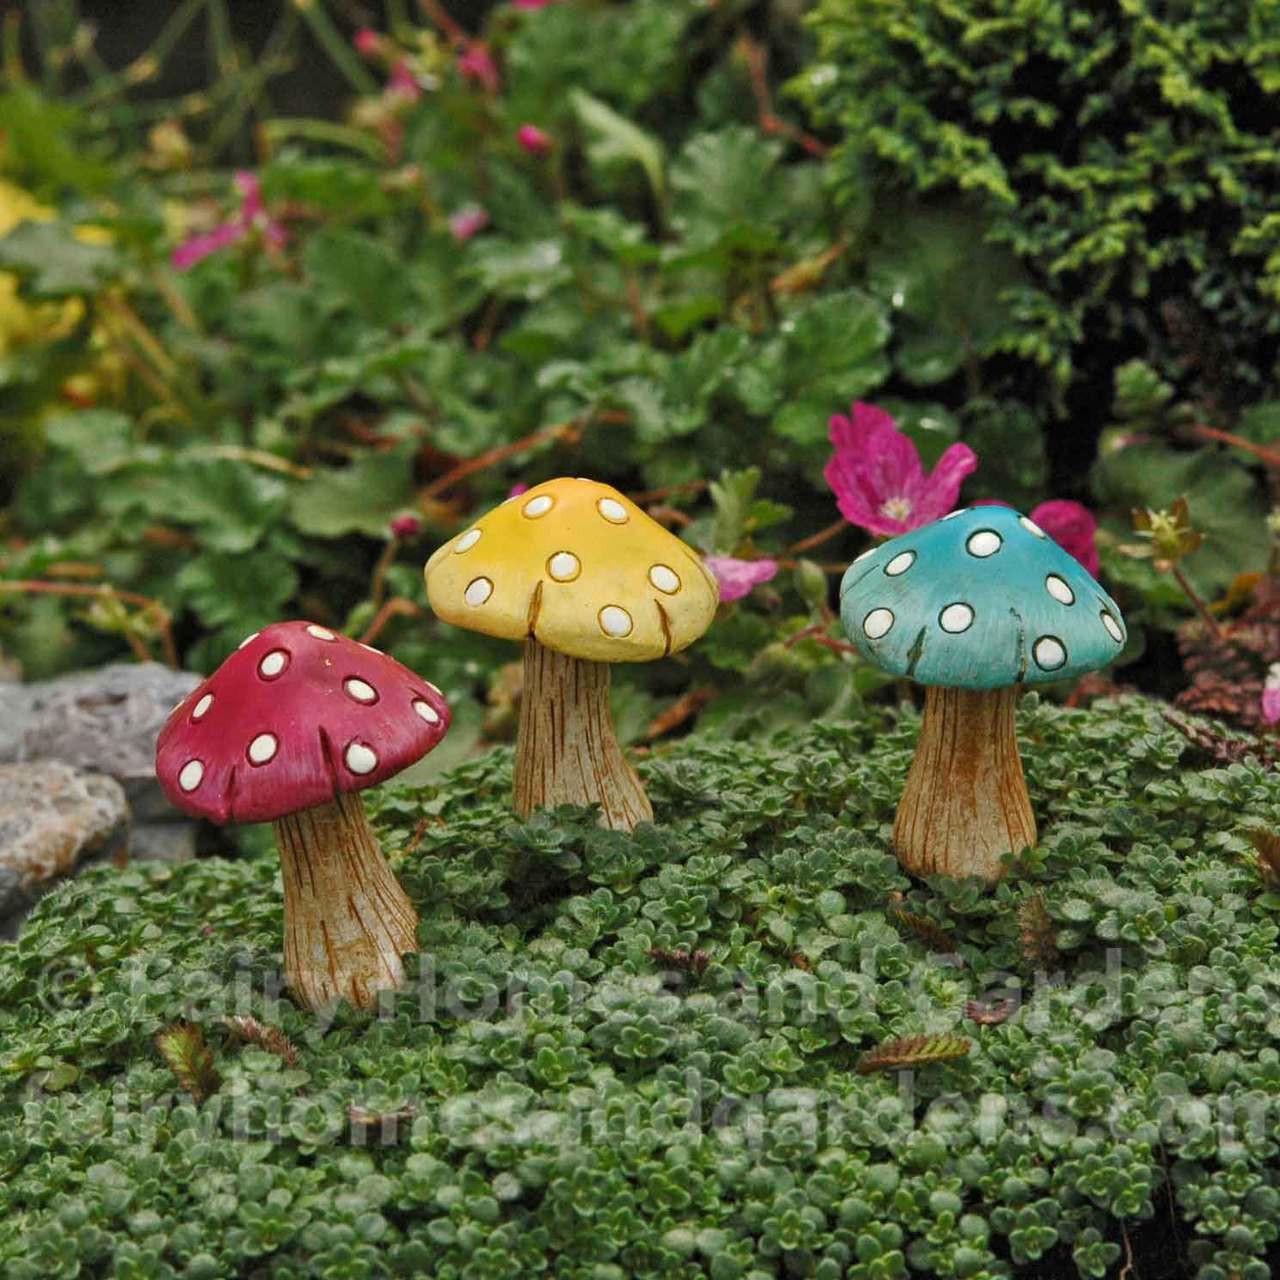 Fairy Mushrooms Fairy Garden Glowing Mushrooms Mini Mushrooms